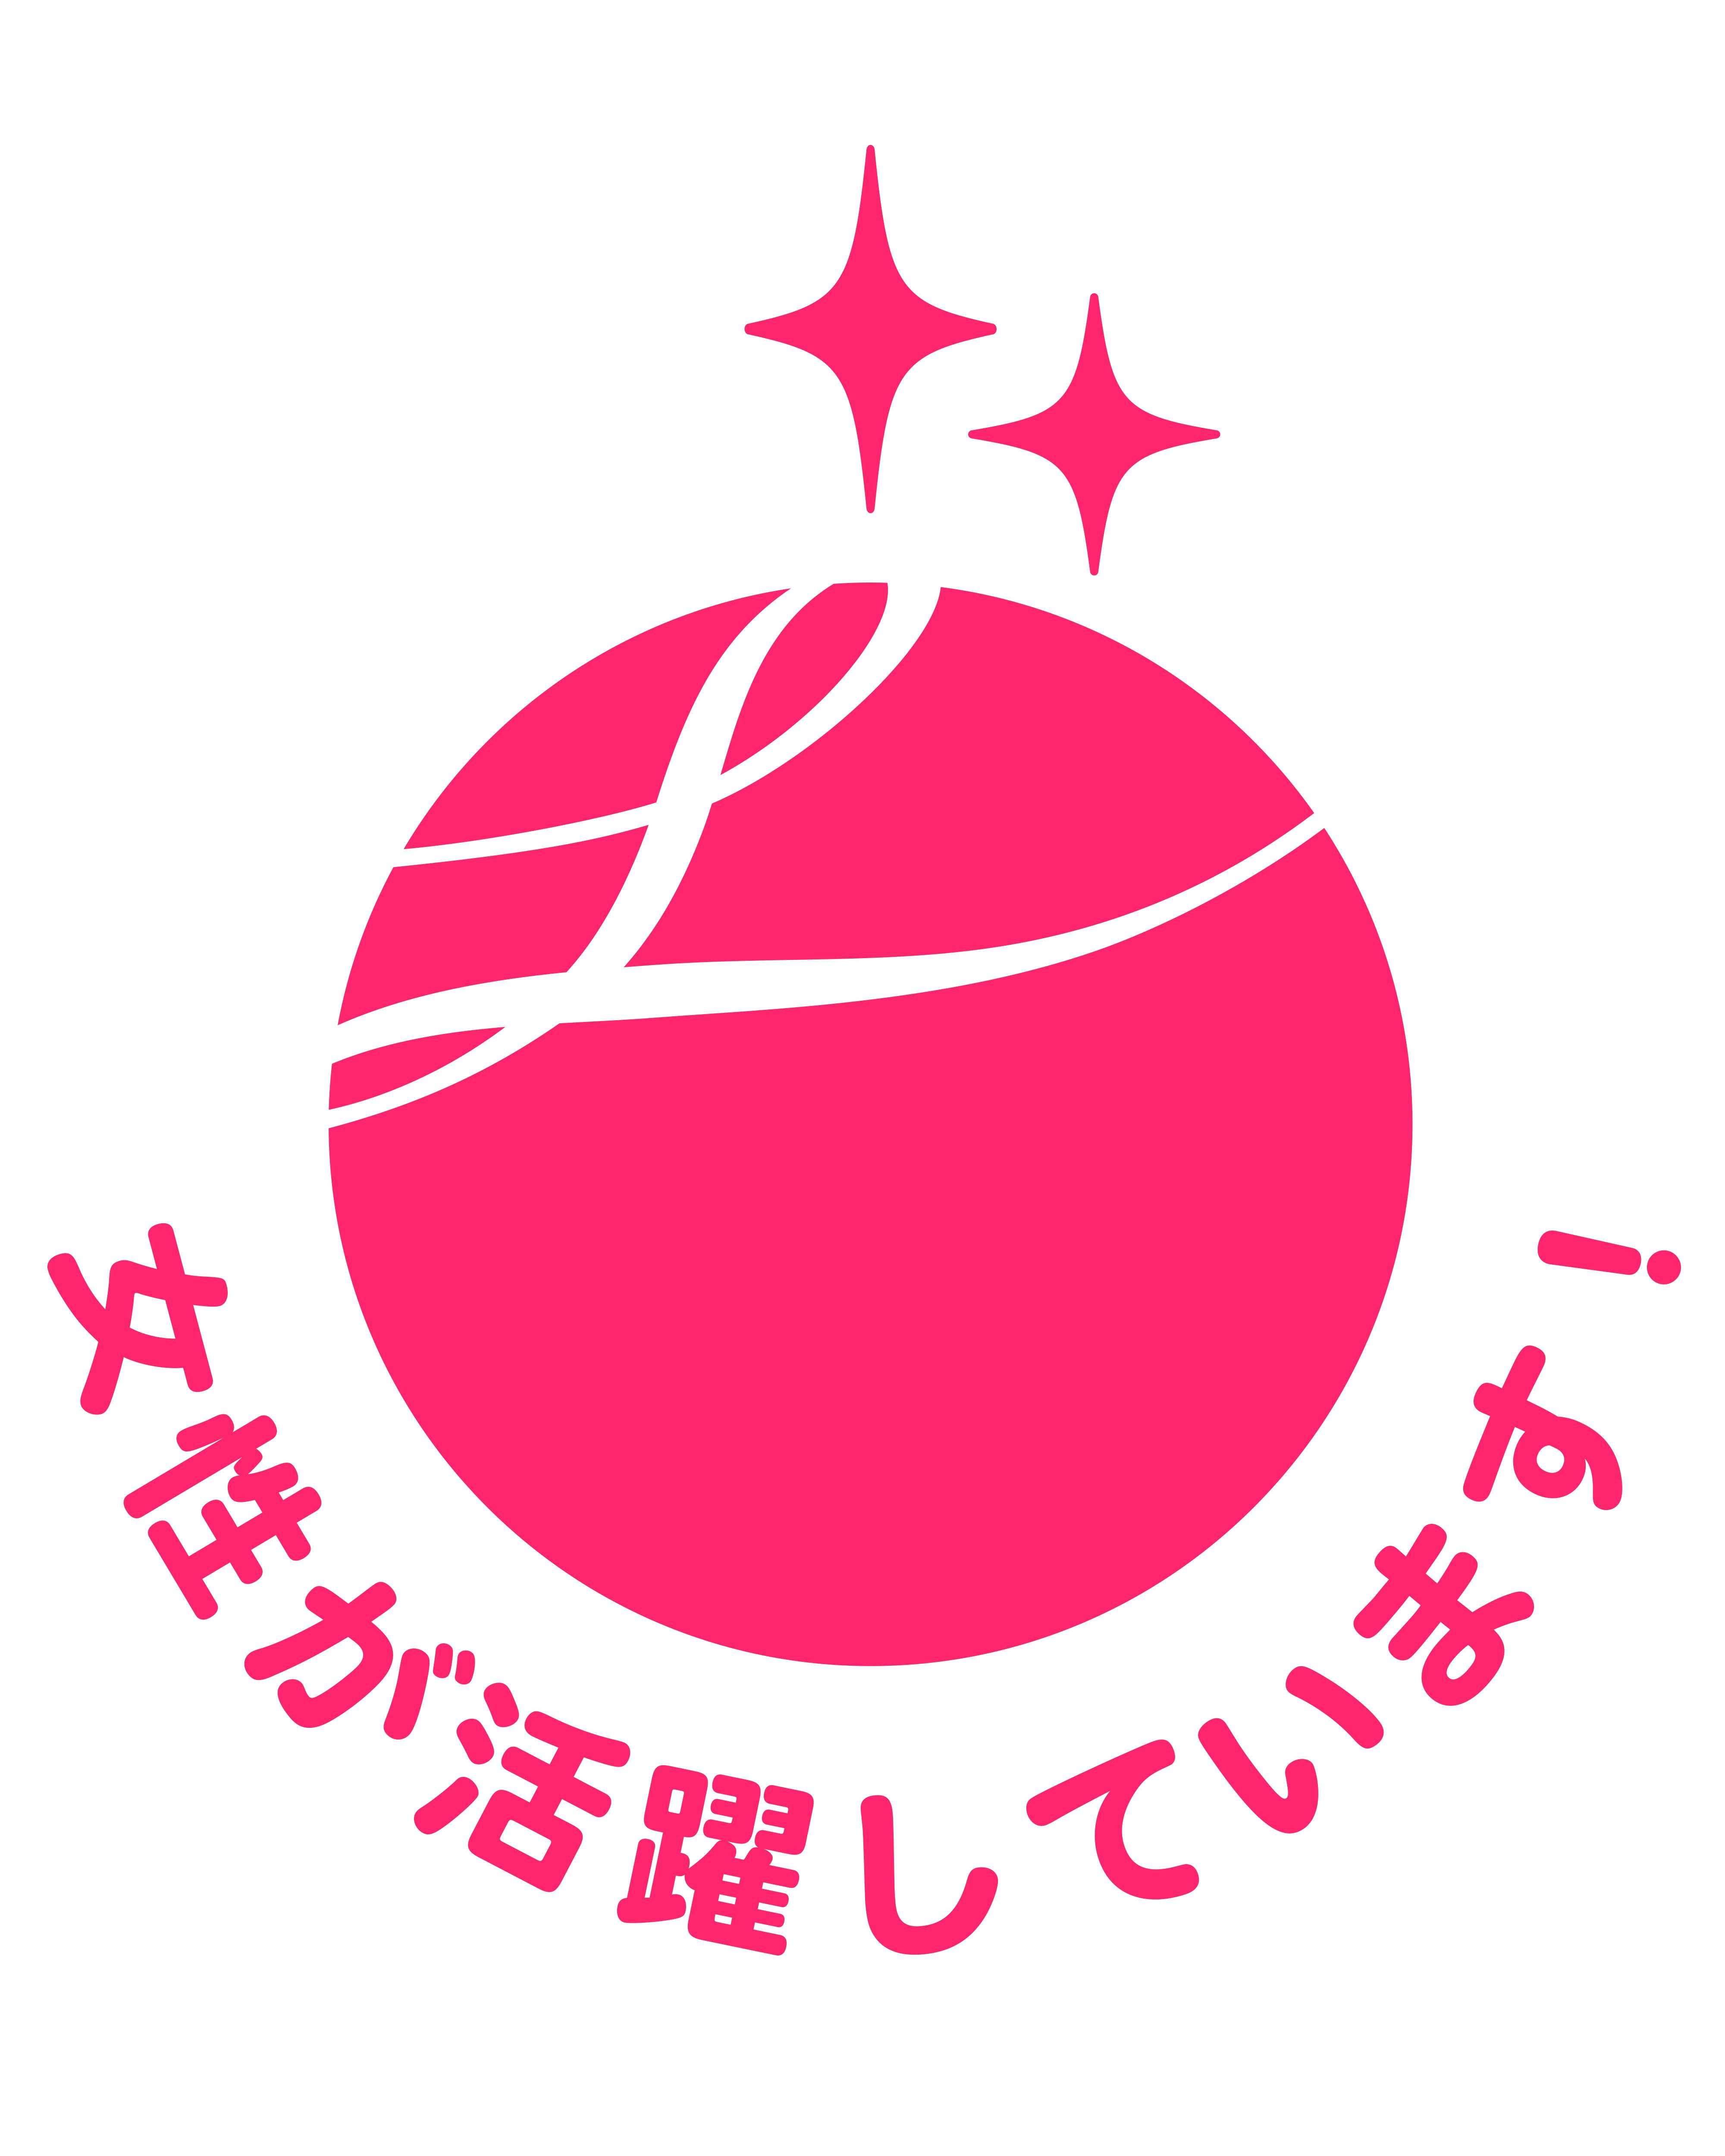 えるぼし(2段階目)